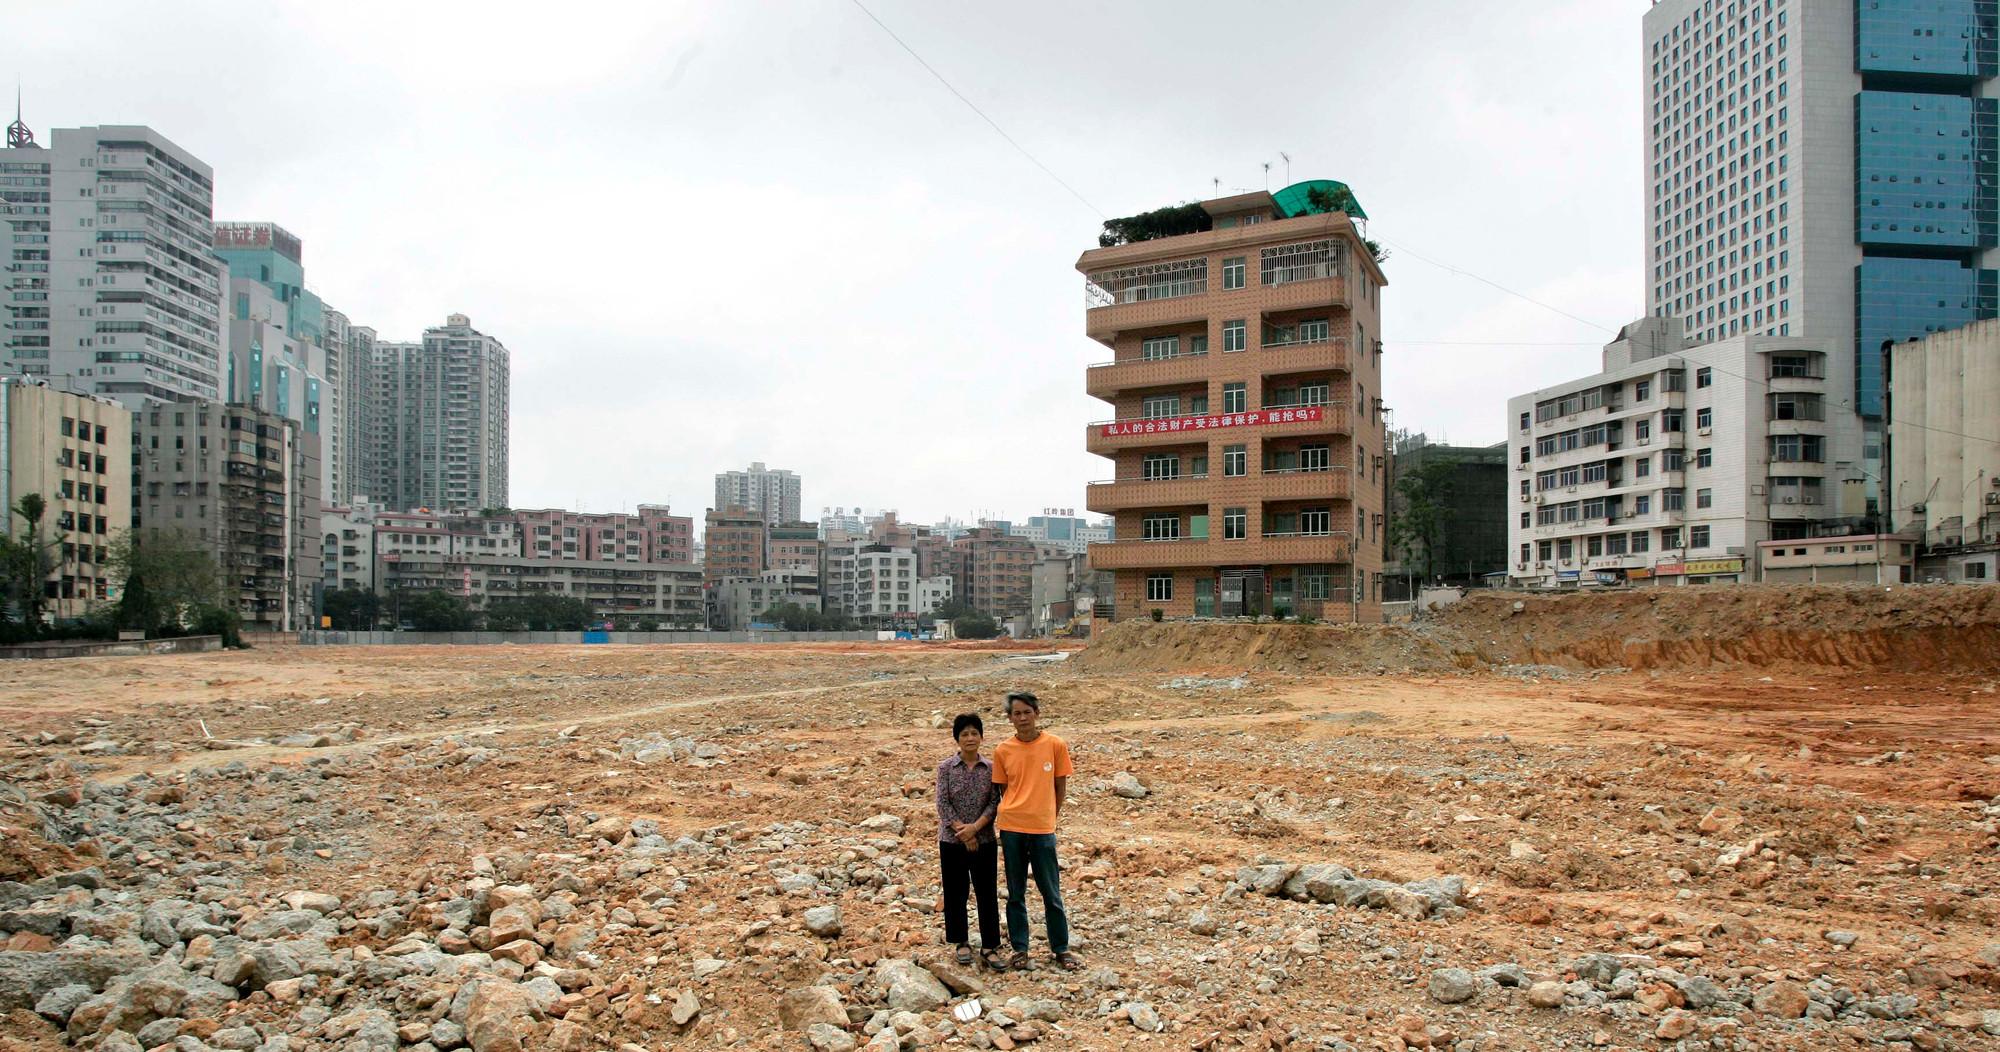 Una pareja rechazó la oferta para adquirir su vivienda en Shenzen.. Image © Vía Quartz